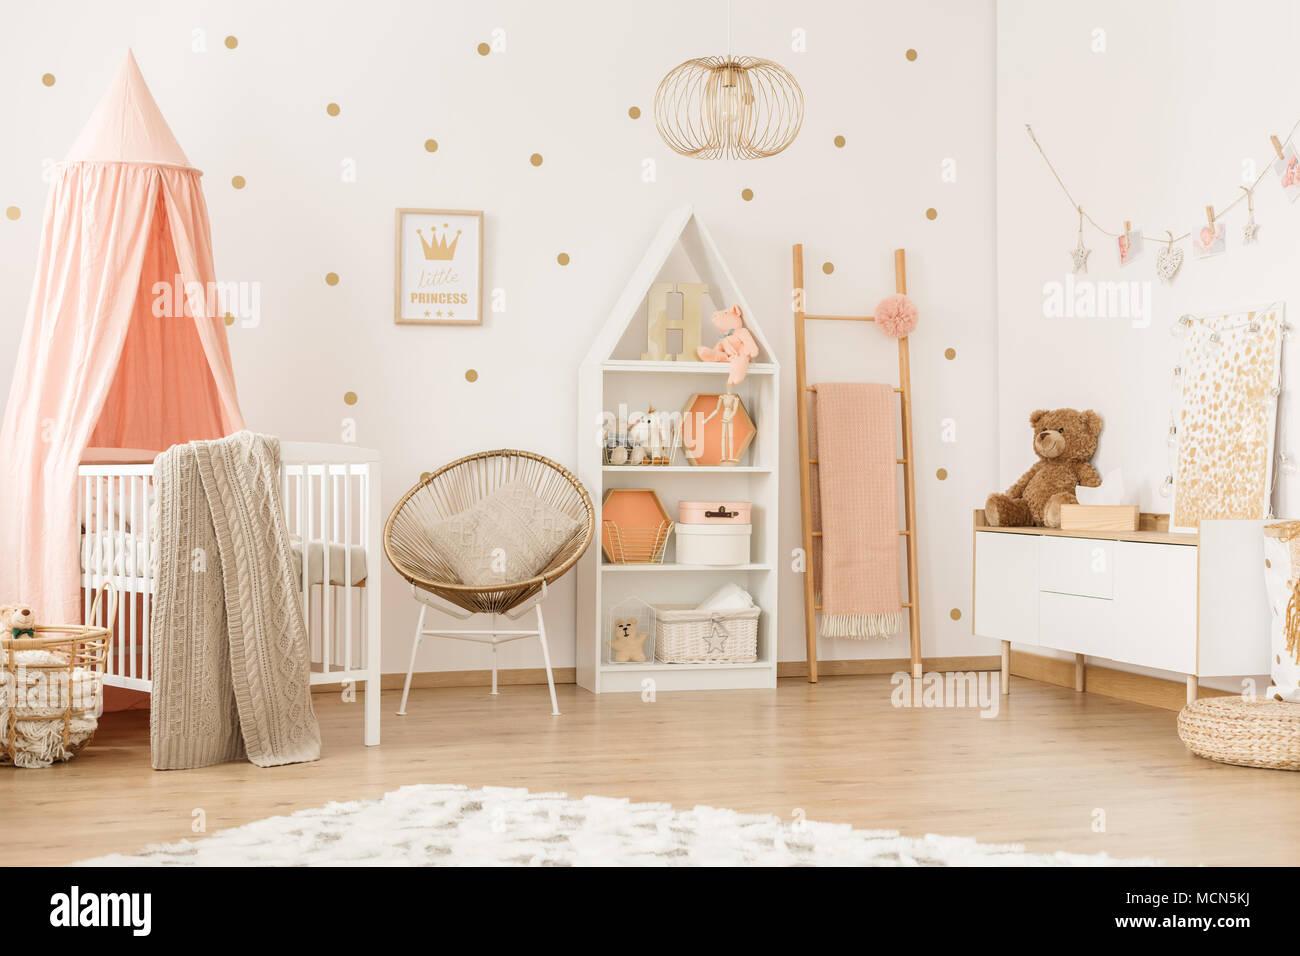 Fauteuil D Or Et D Echelle Dans Des Tons Pastel Girly A L Interieur